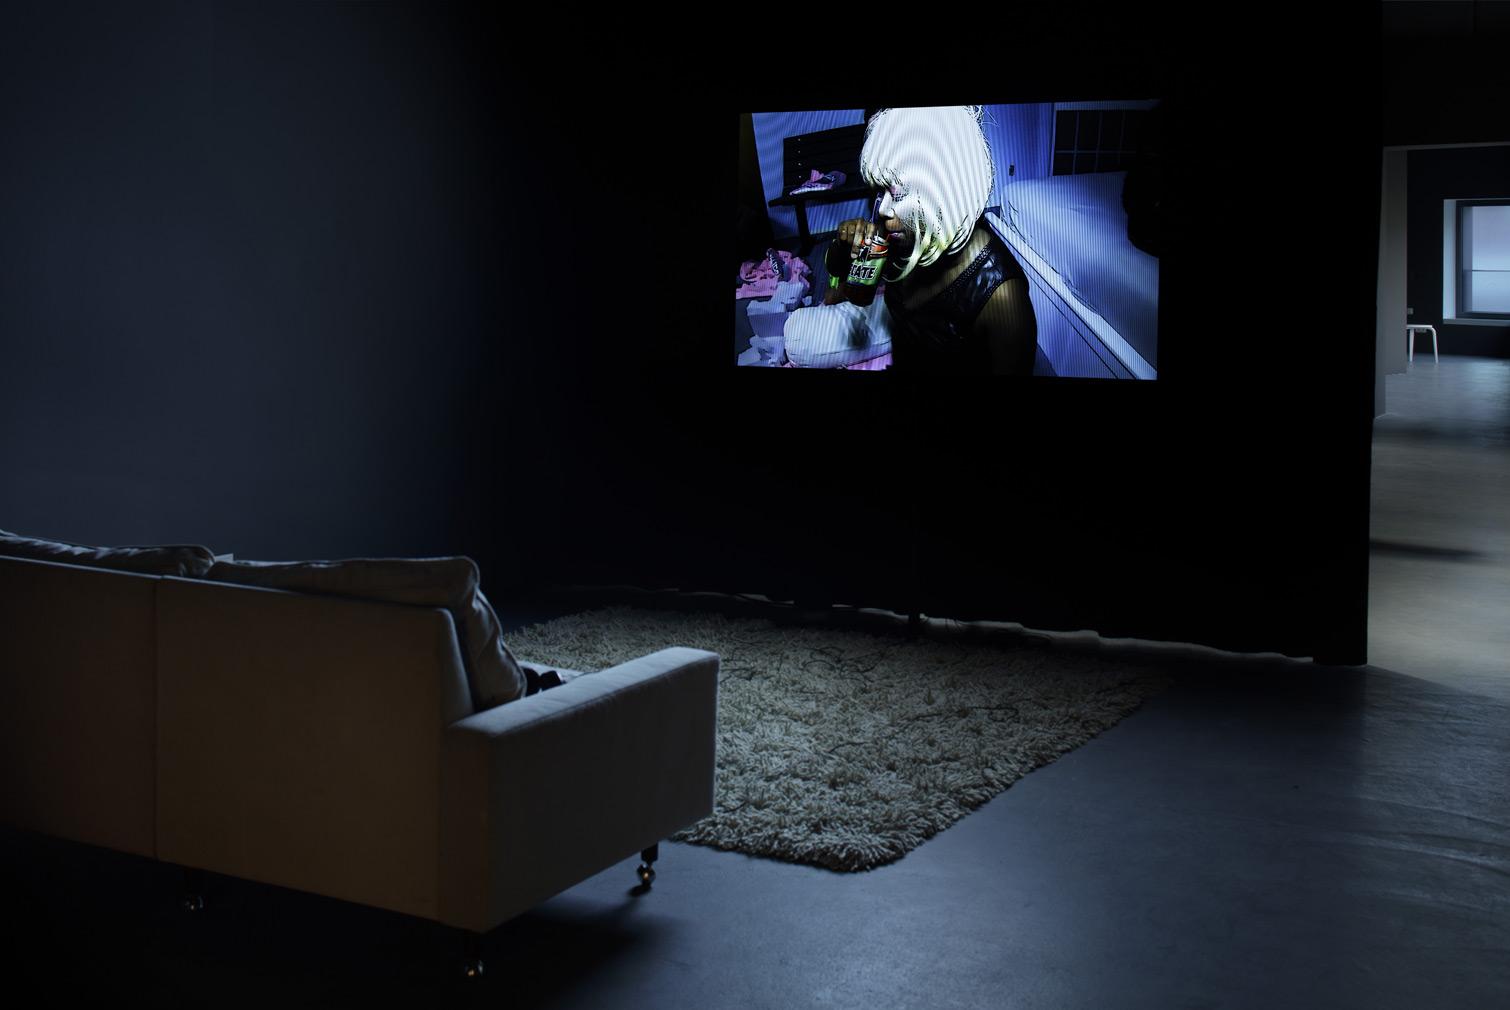 Ryan Trecartin & Lizzie Fitch, Item Falls, 2013 - Installationsansicht